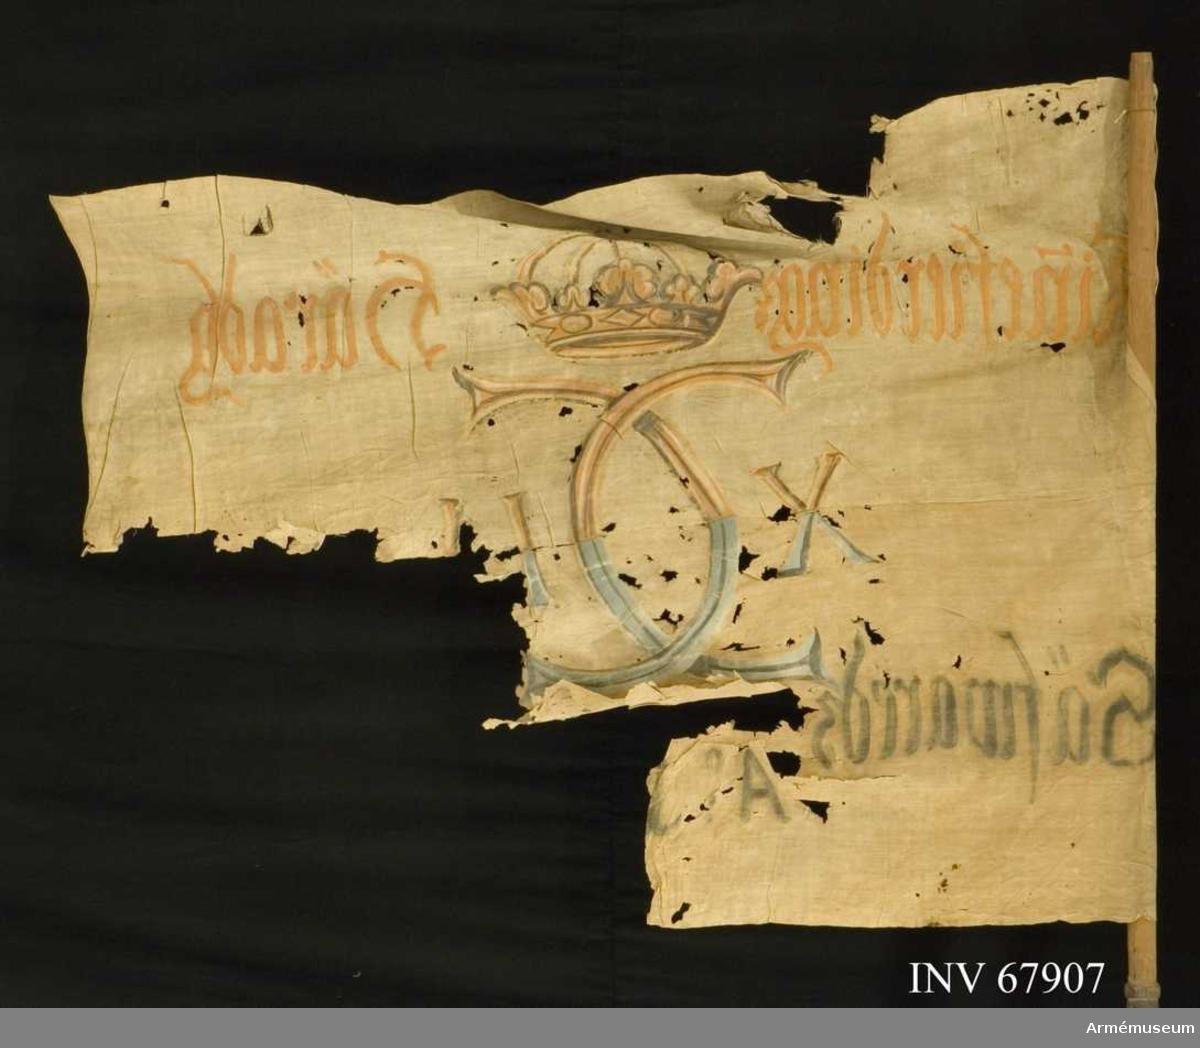 Duk: Tillverkad av enkel vit linnelärft, sydd av två horisontella våder.  Dekor: Målad från dukens båda sidor, Karl XII:s namnchiffer dubbelt C med på ömse sidor XII. Krönt med sluten krona, upptill i gult och brunt, nedtilll i blått och svart. Text på ömse sidor om chiffret; upptill i gult, nedtill i svart.   Stång av trä. Nedre delen svartmålad.